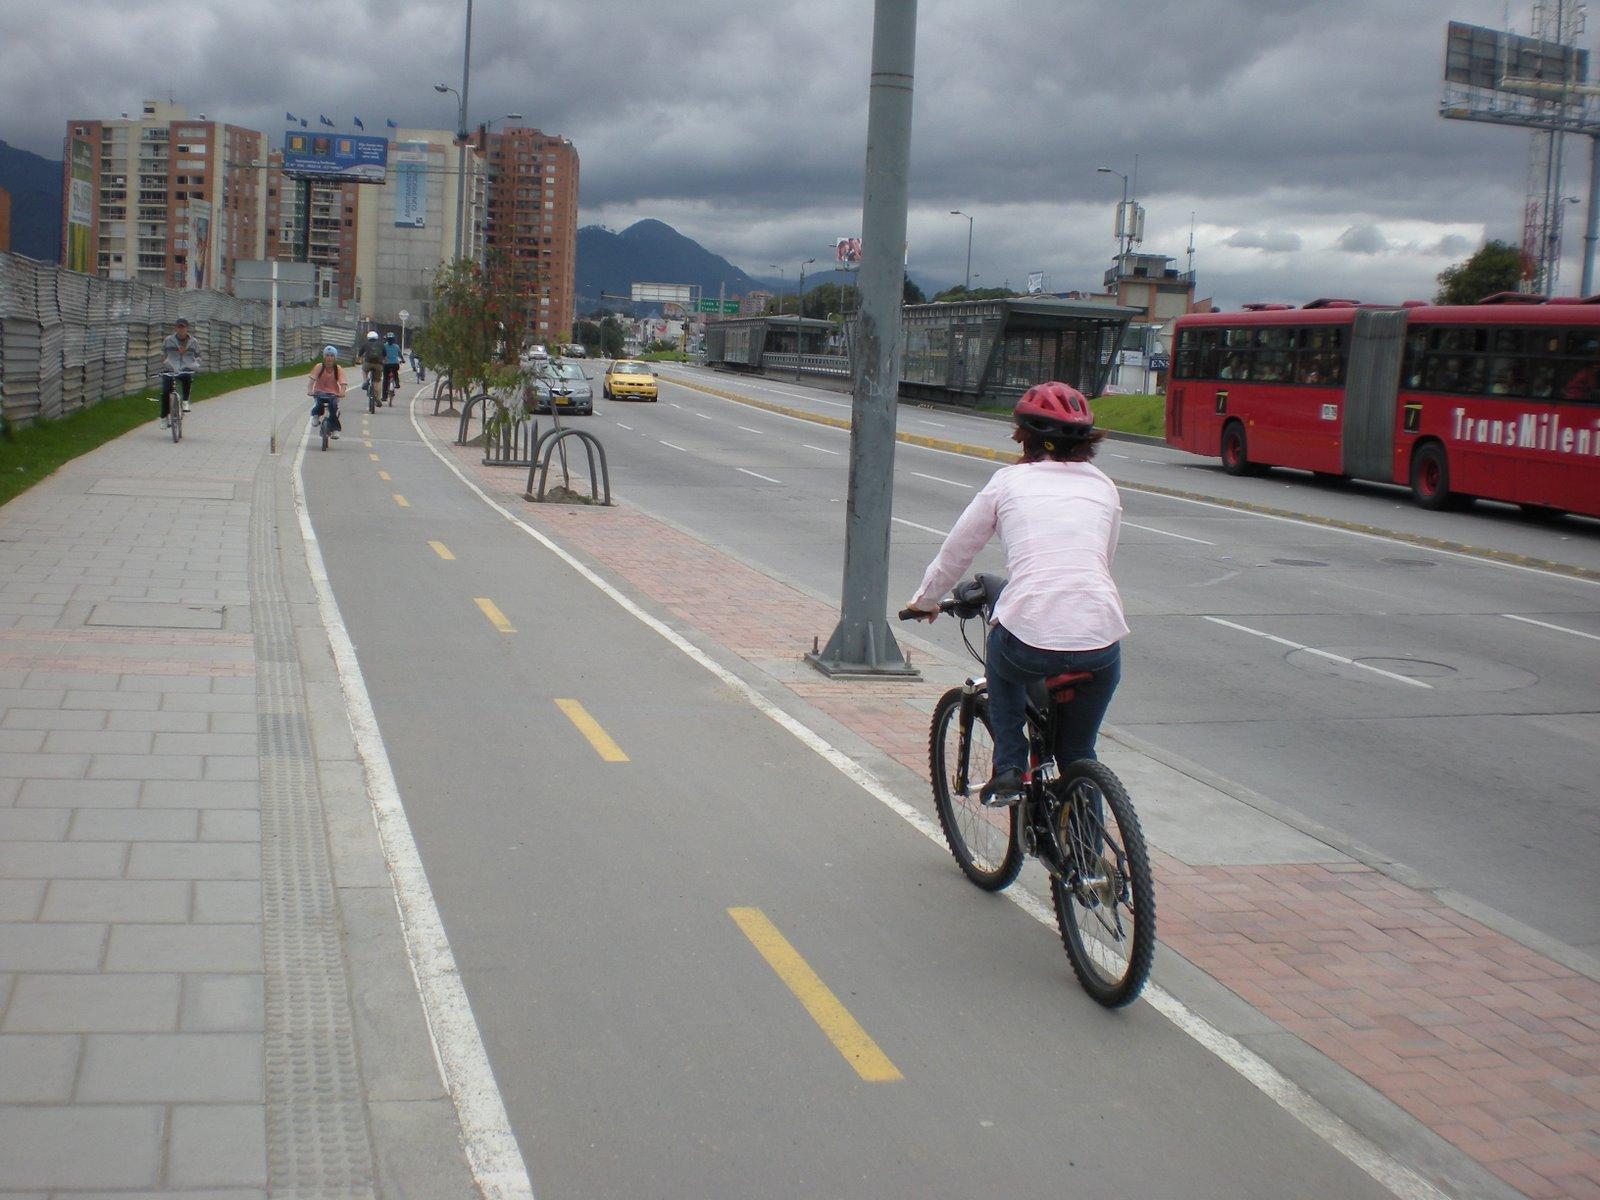 Fuente: http://ciudadposible.files.wordpress.com/